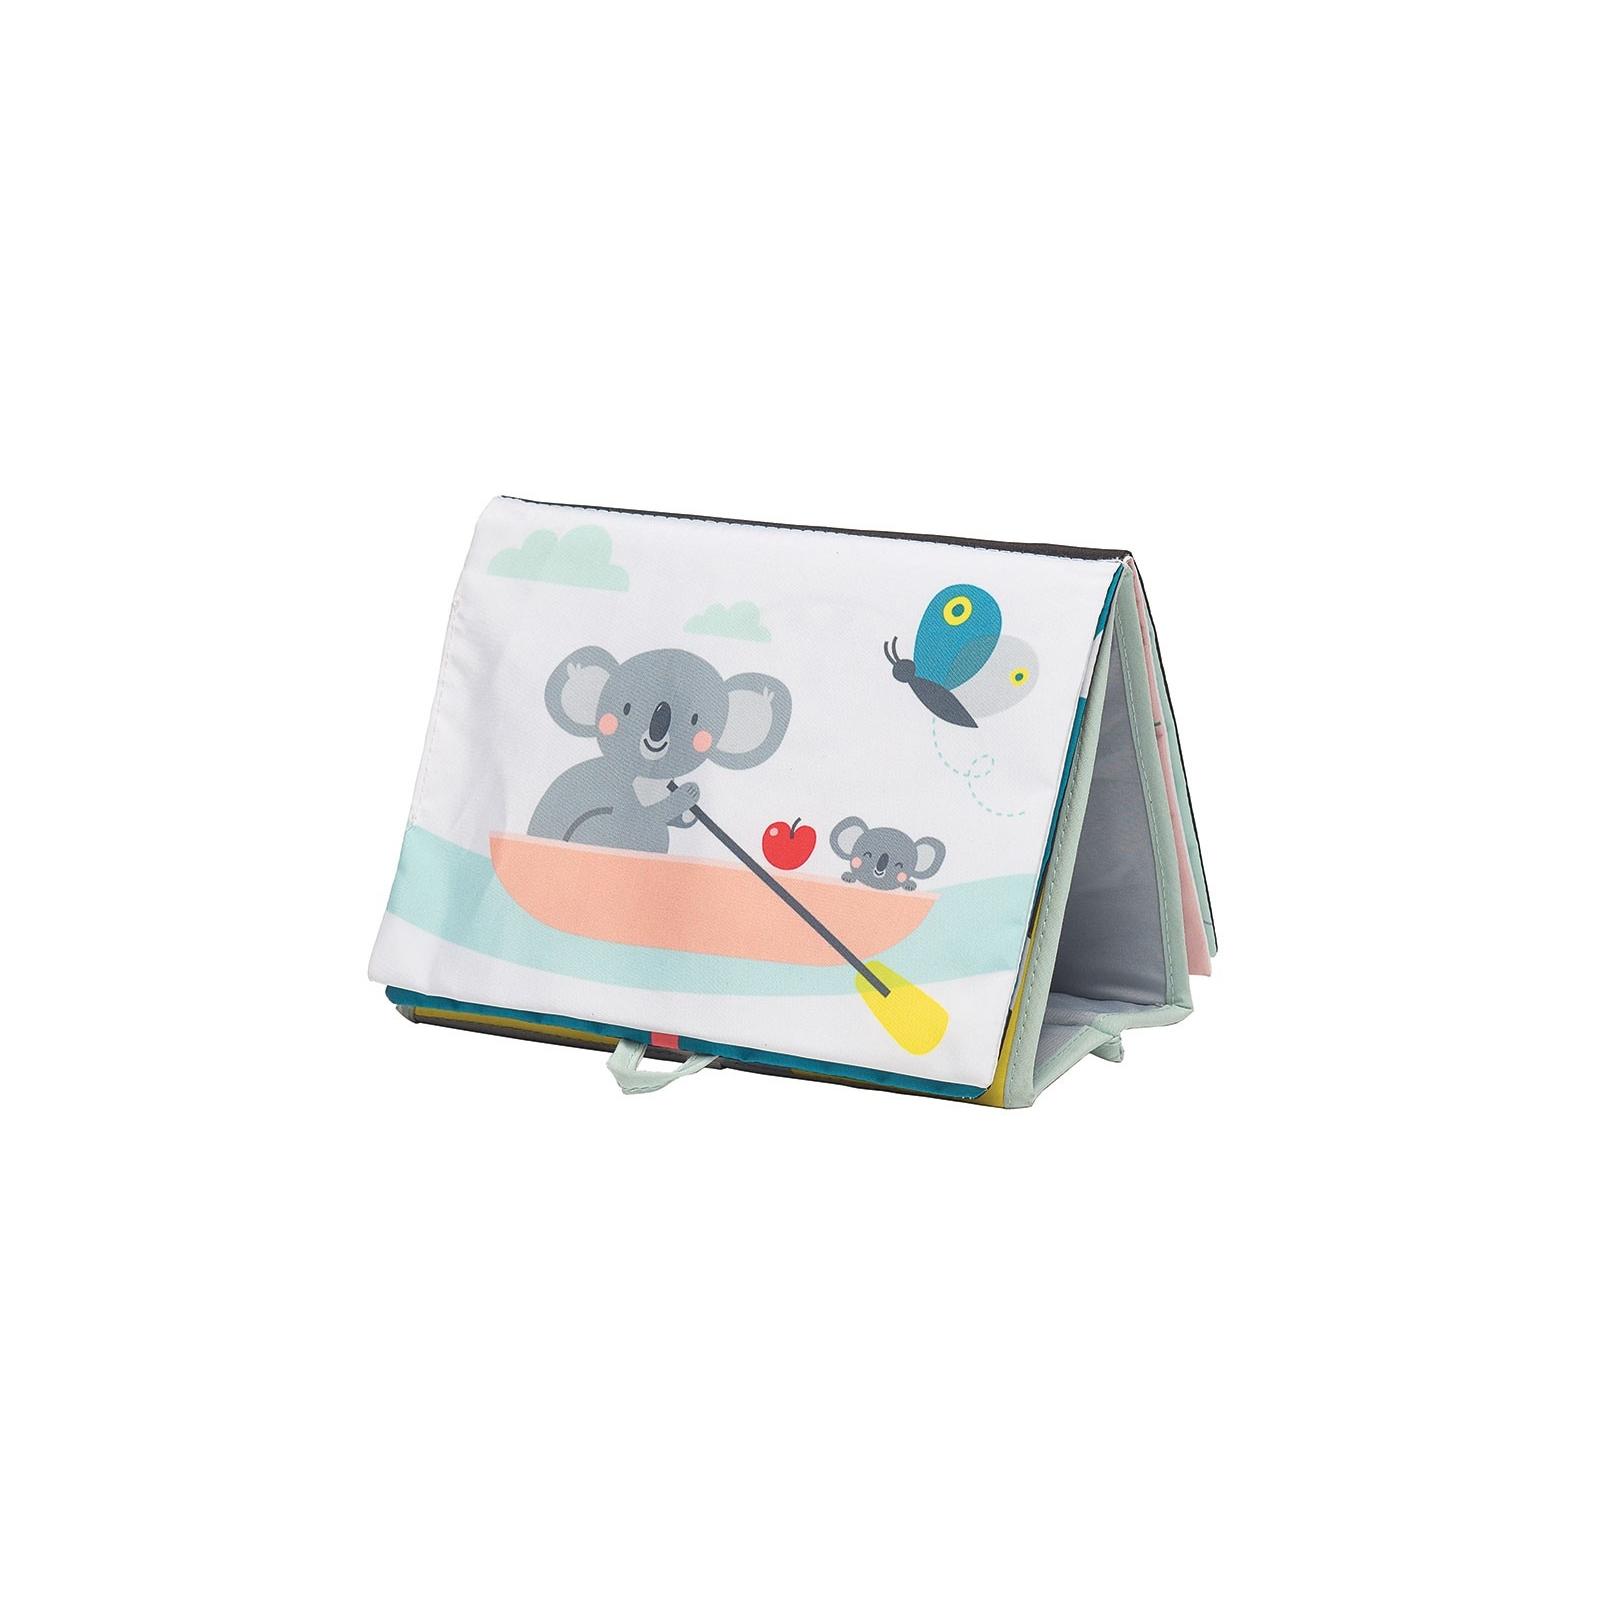 Развивающая игрушка Taf Toys перекидная книжка Мечтательные коалы (12395) изображение 5